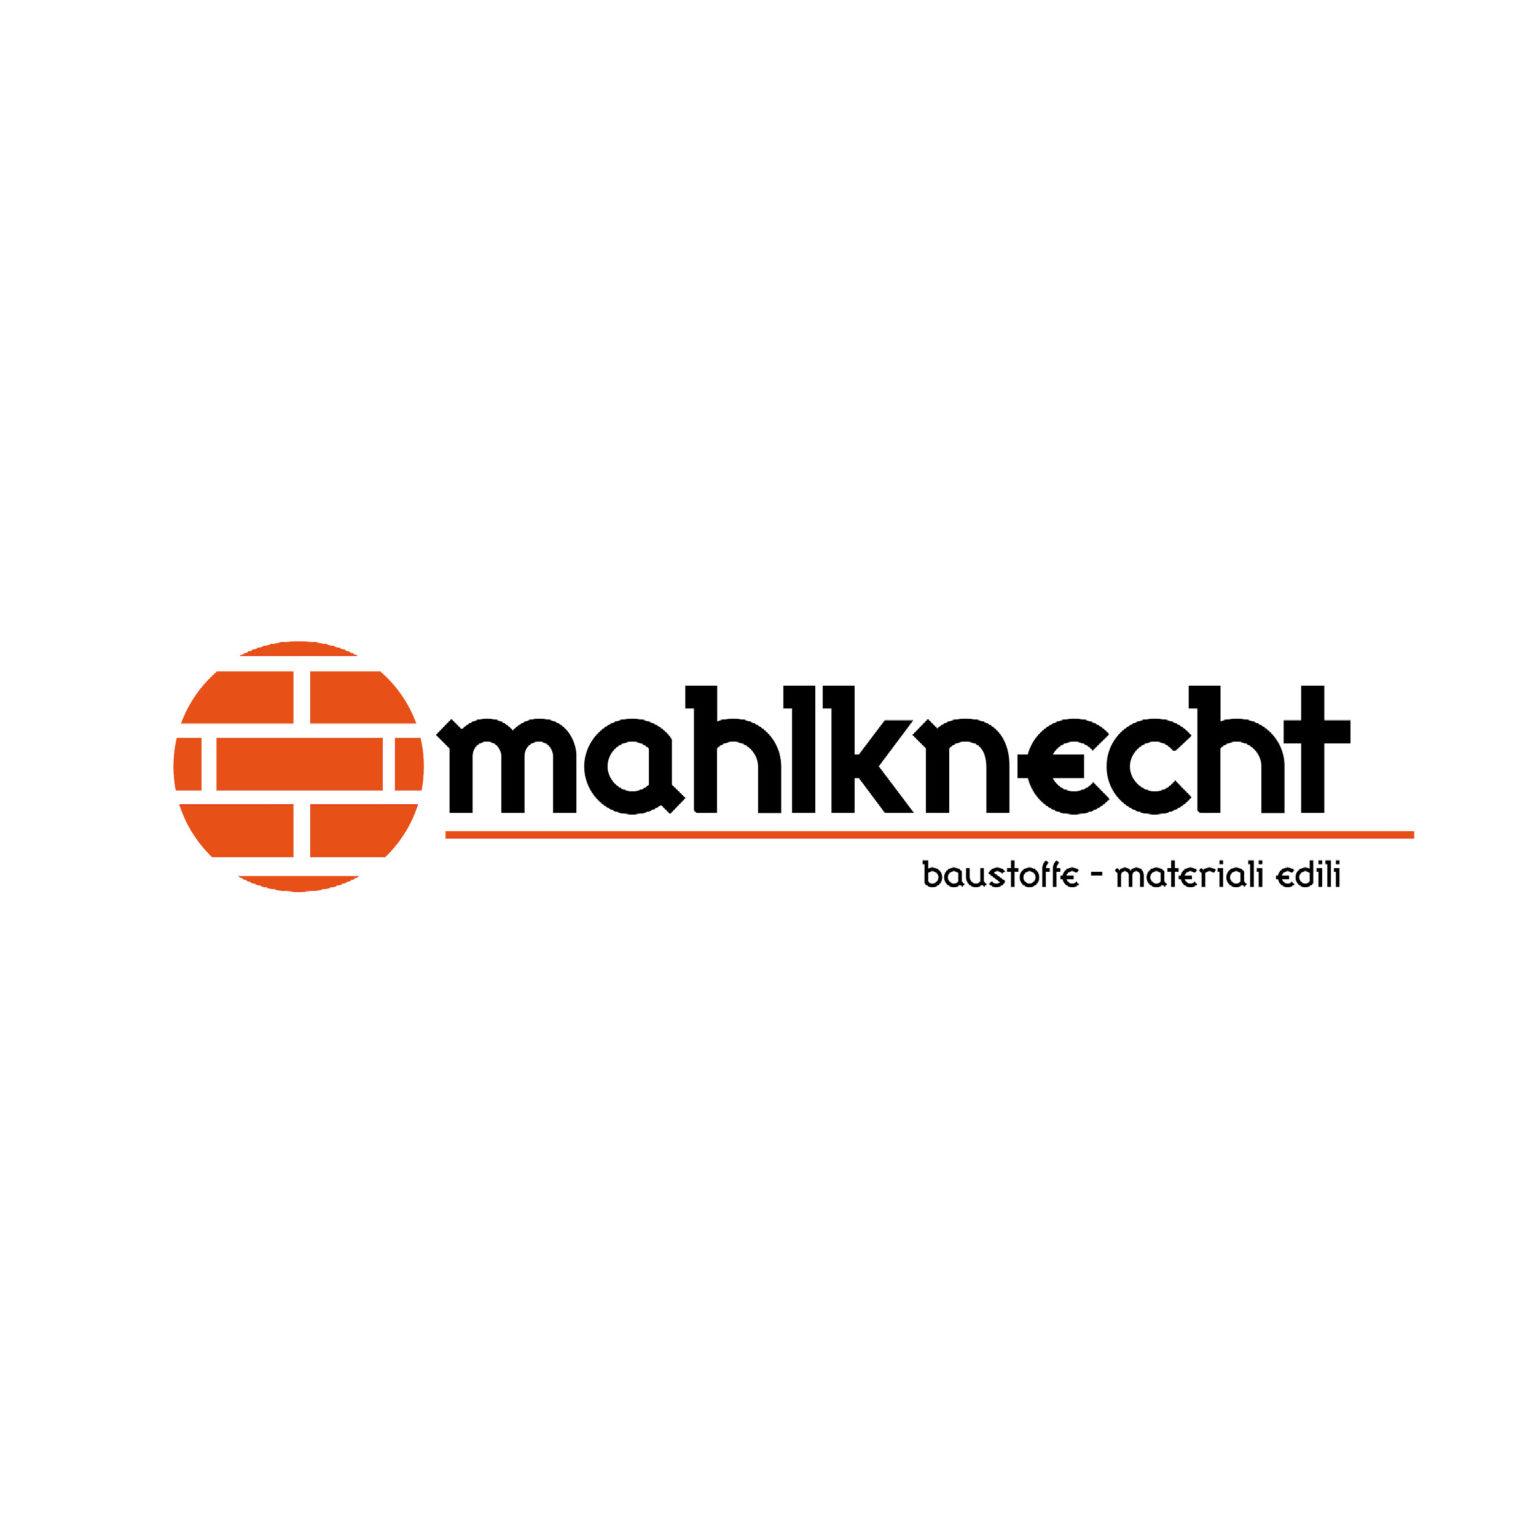 mahlknecht logo